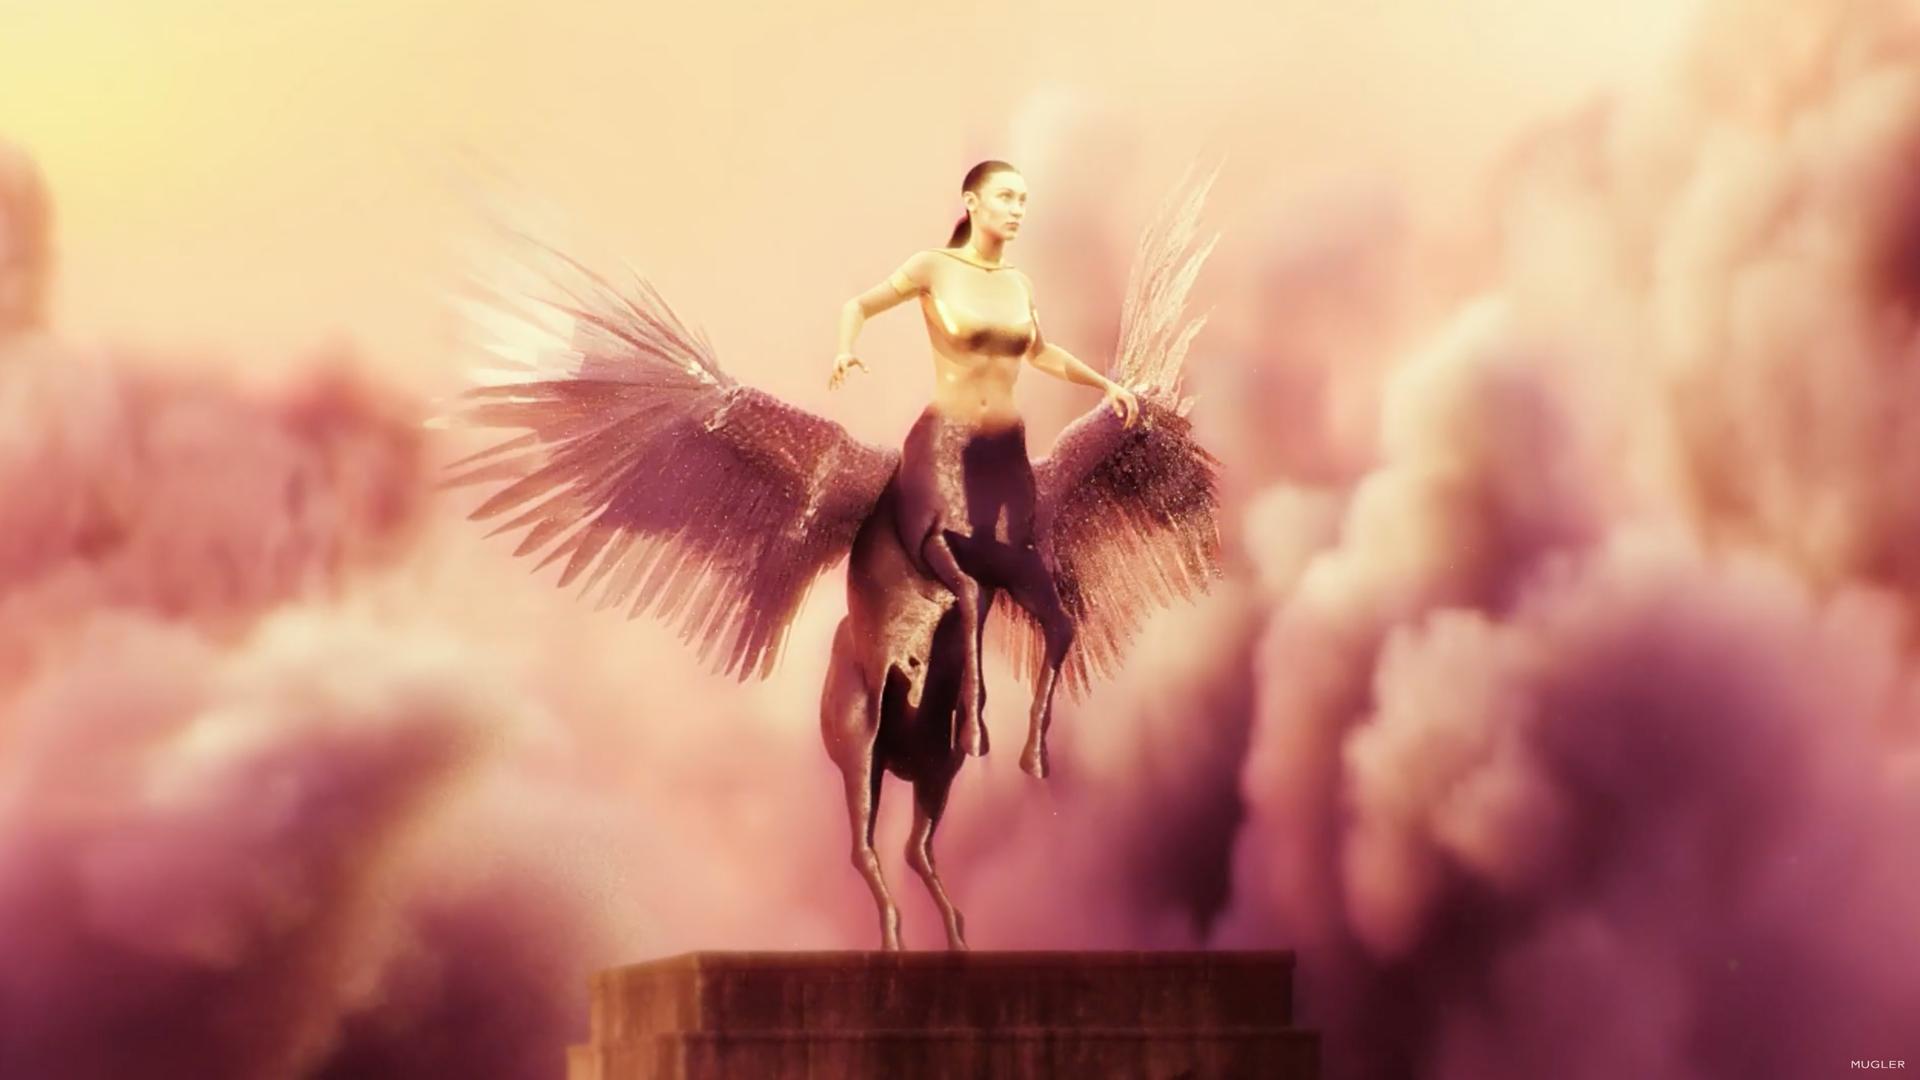 Mugler crea un filme surrealista lleno de fantasía y modelos virtuales para su colección genderless del 2021